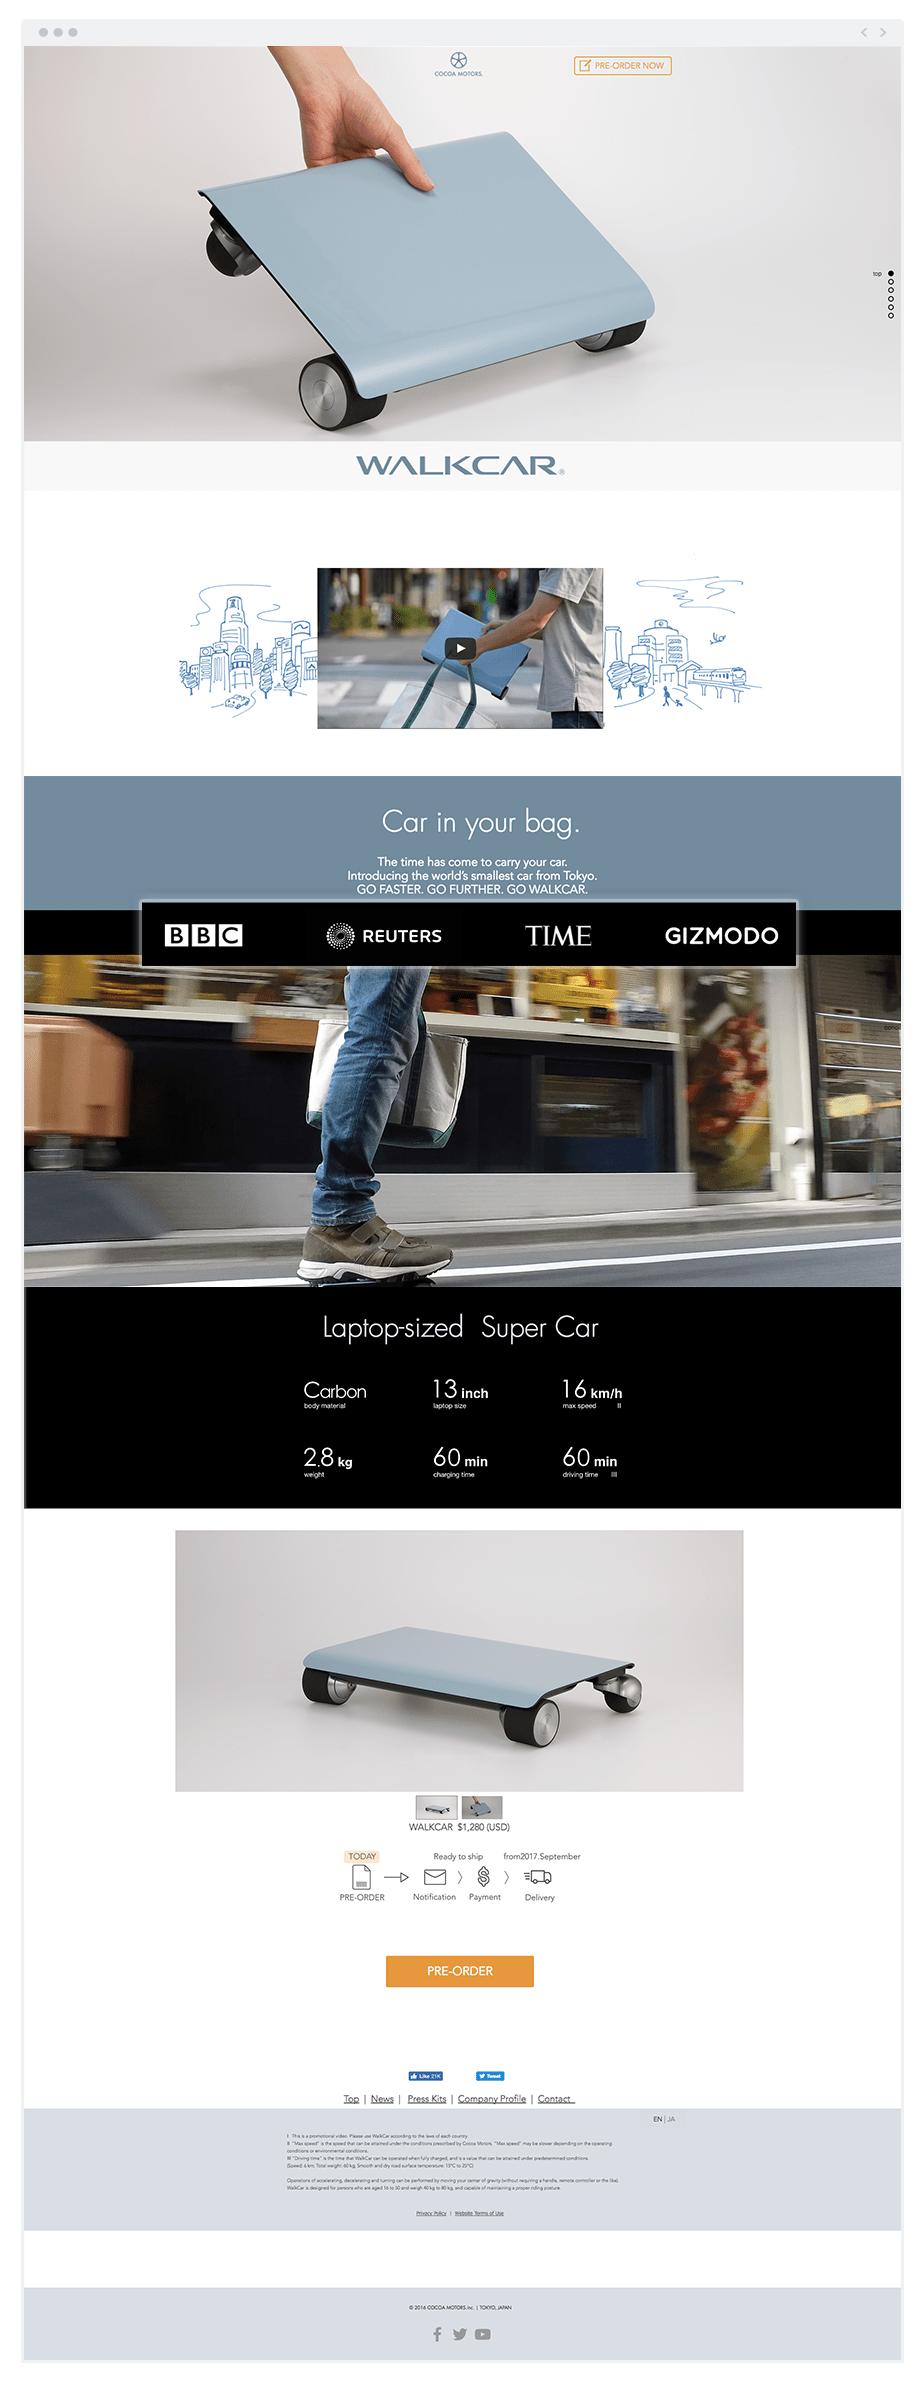 広報の例, Walkcarさんのホームページ